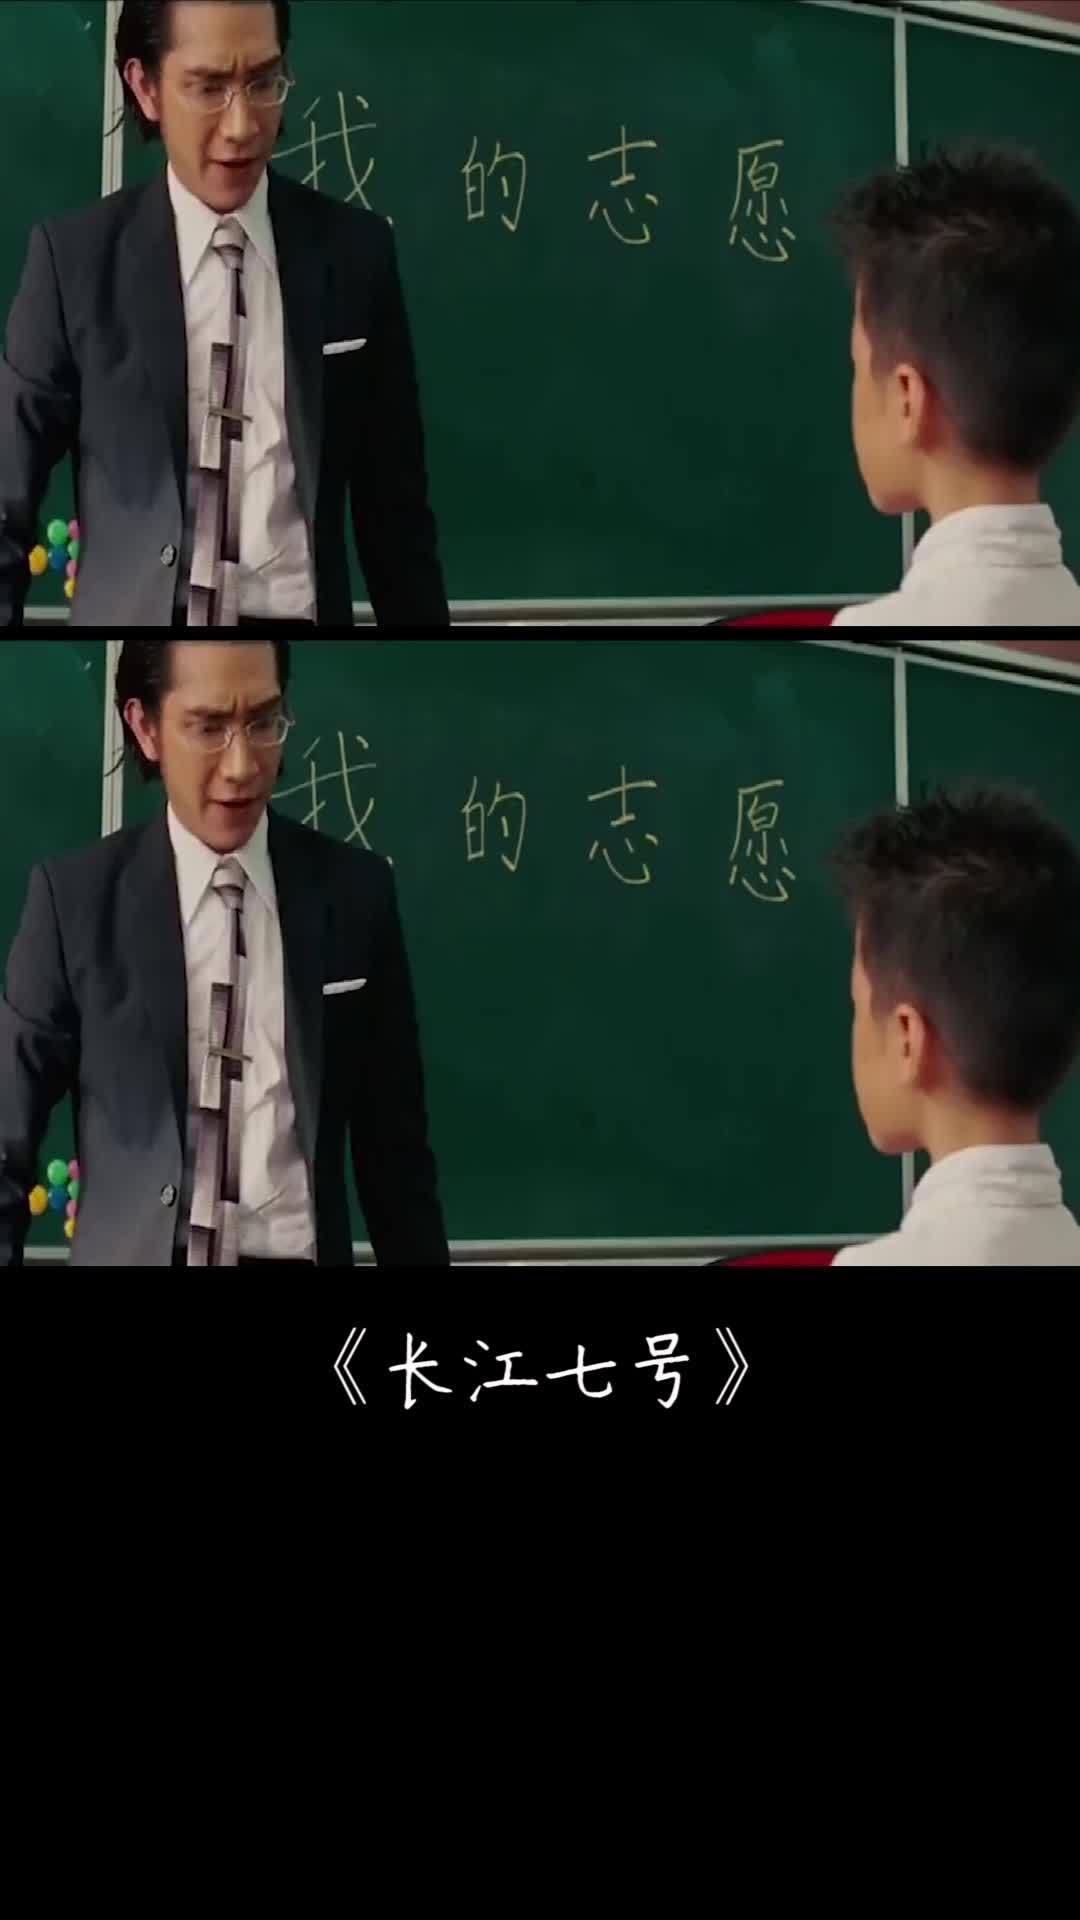 #电影迷的修养#《长江七号》不吹牛,不打架,努力读书,在哪里都会受到尊敬